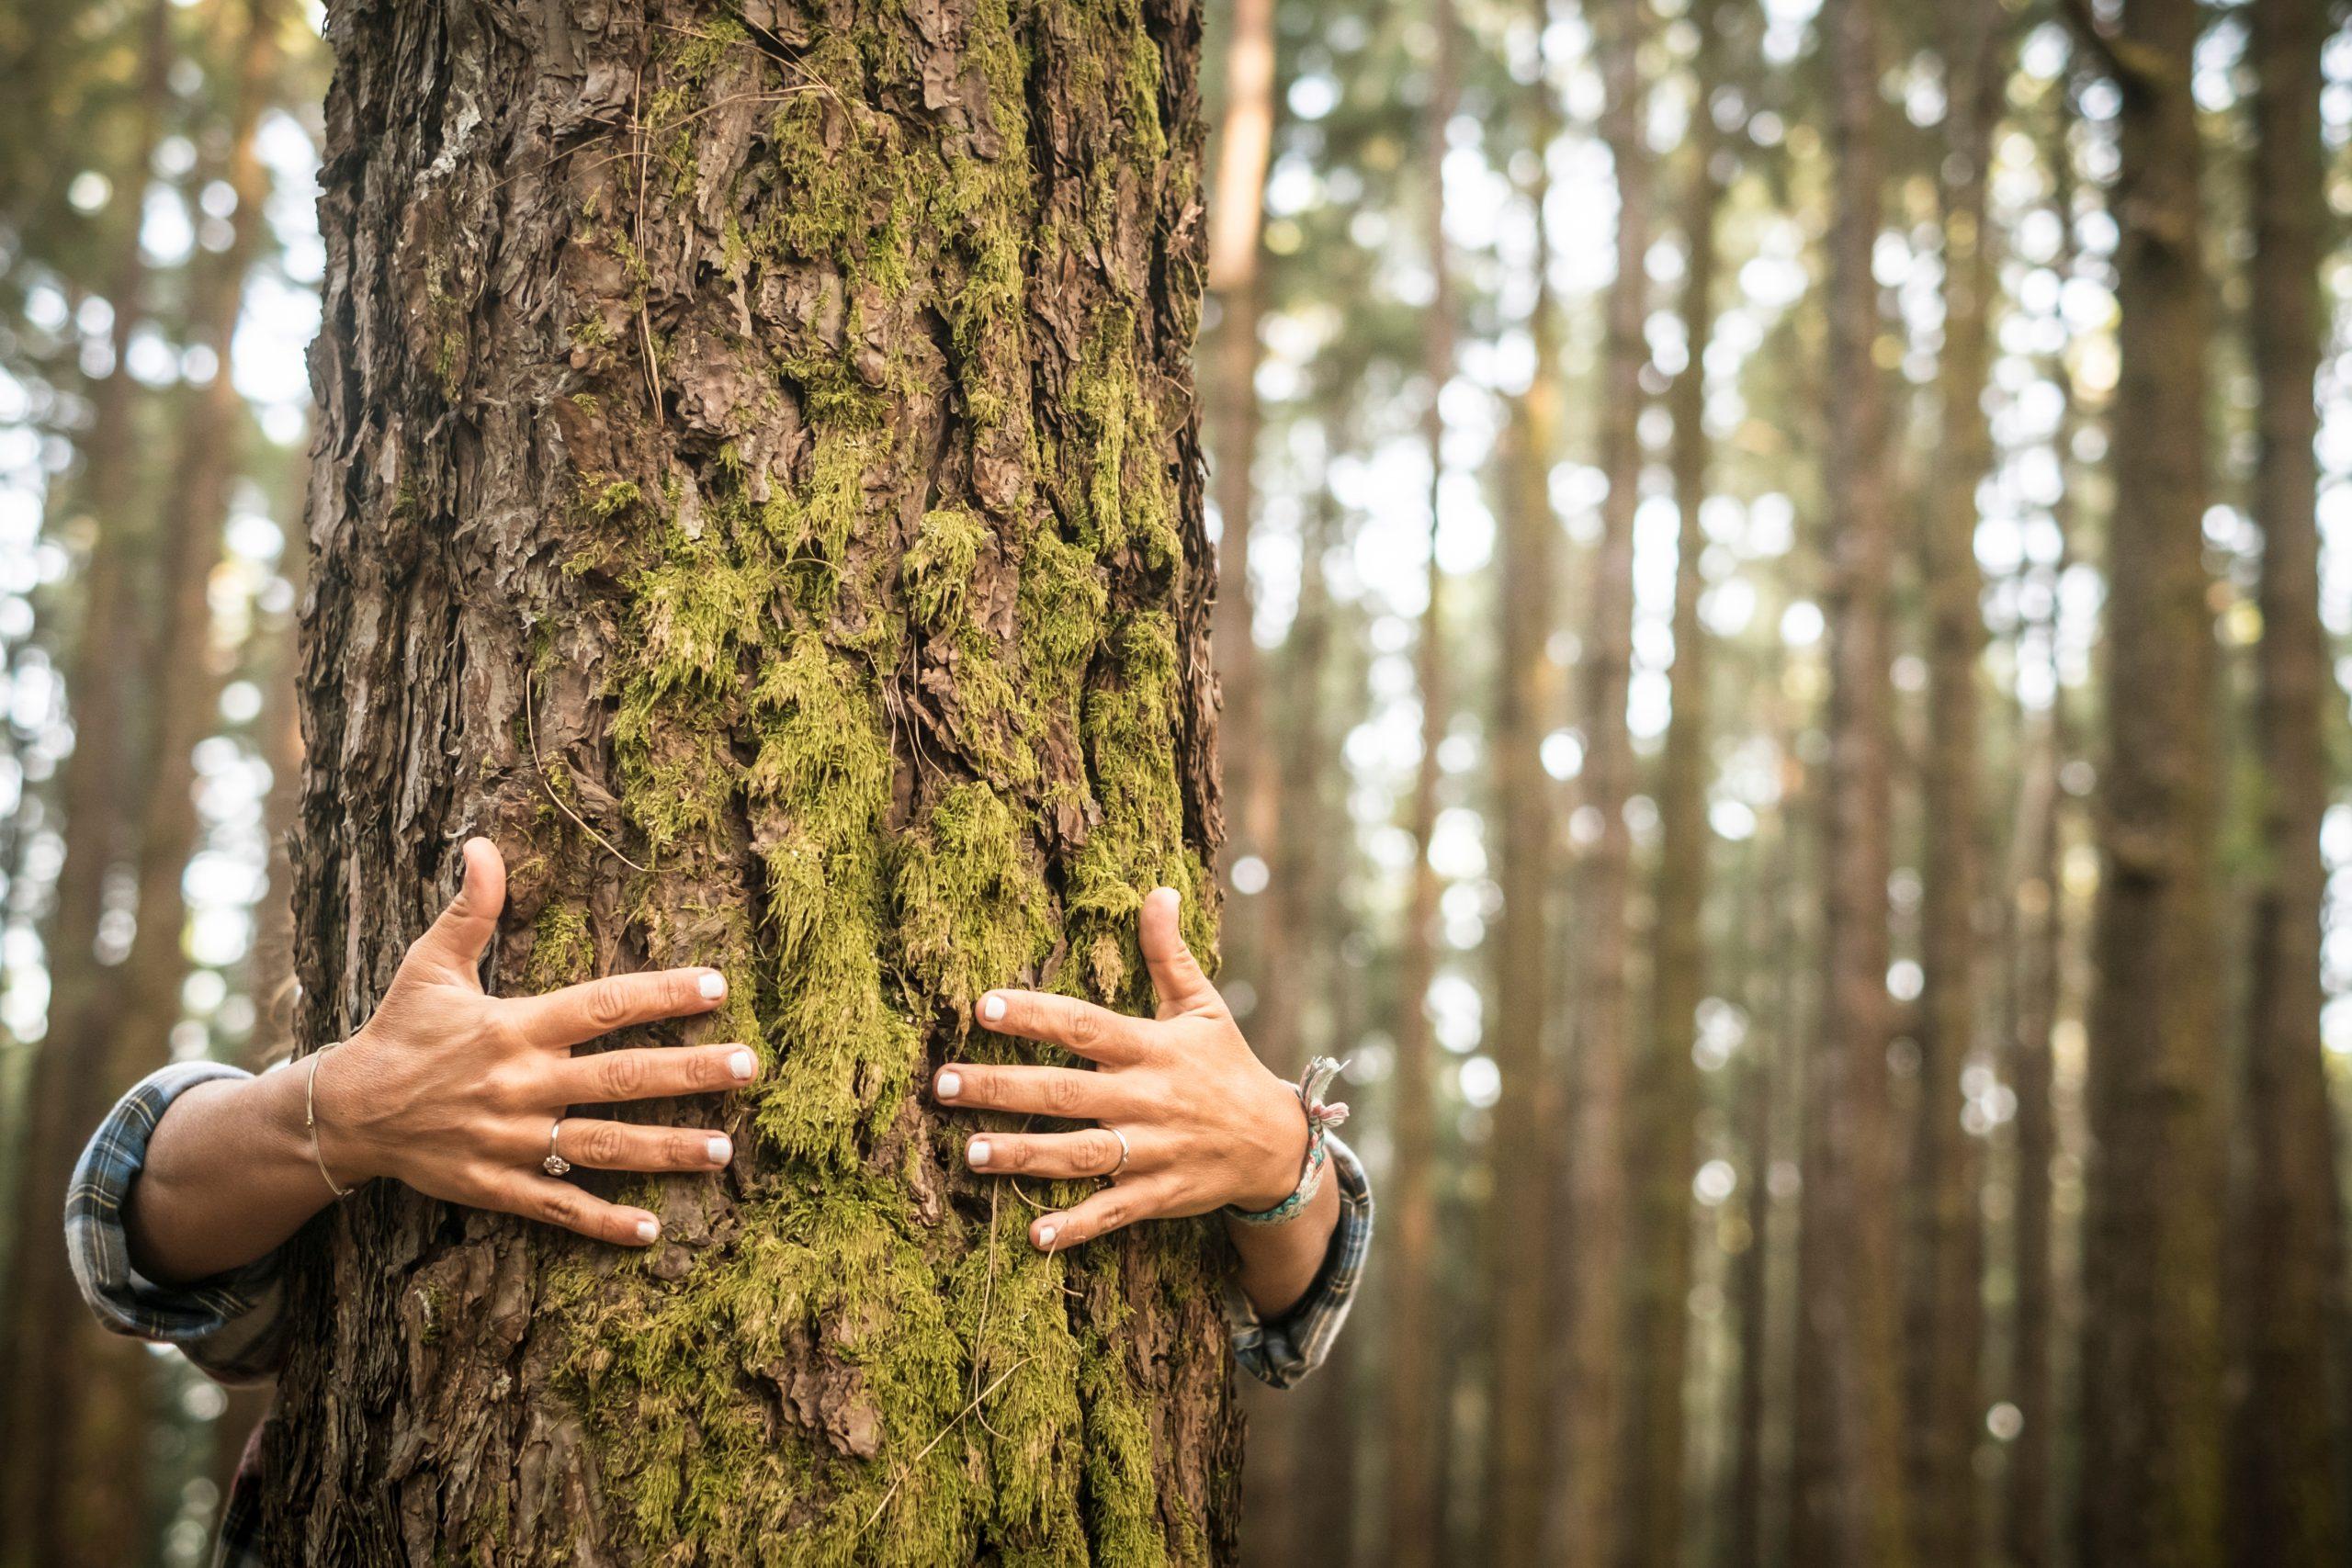 Berufe, die die Welt verändern – tu Gutes für die Umwelt